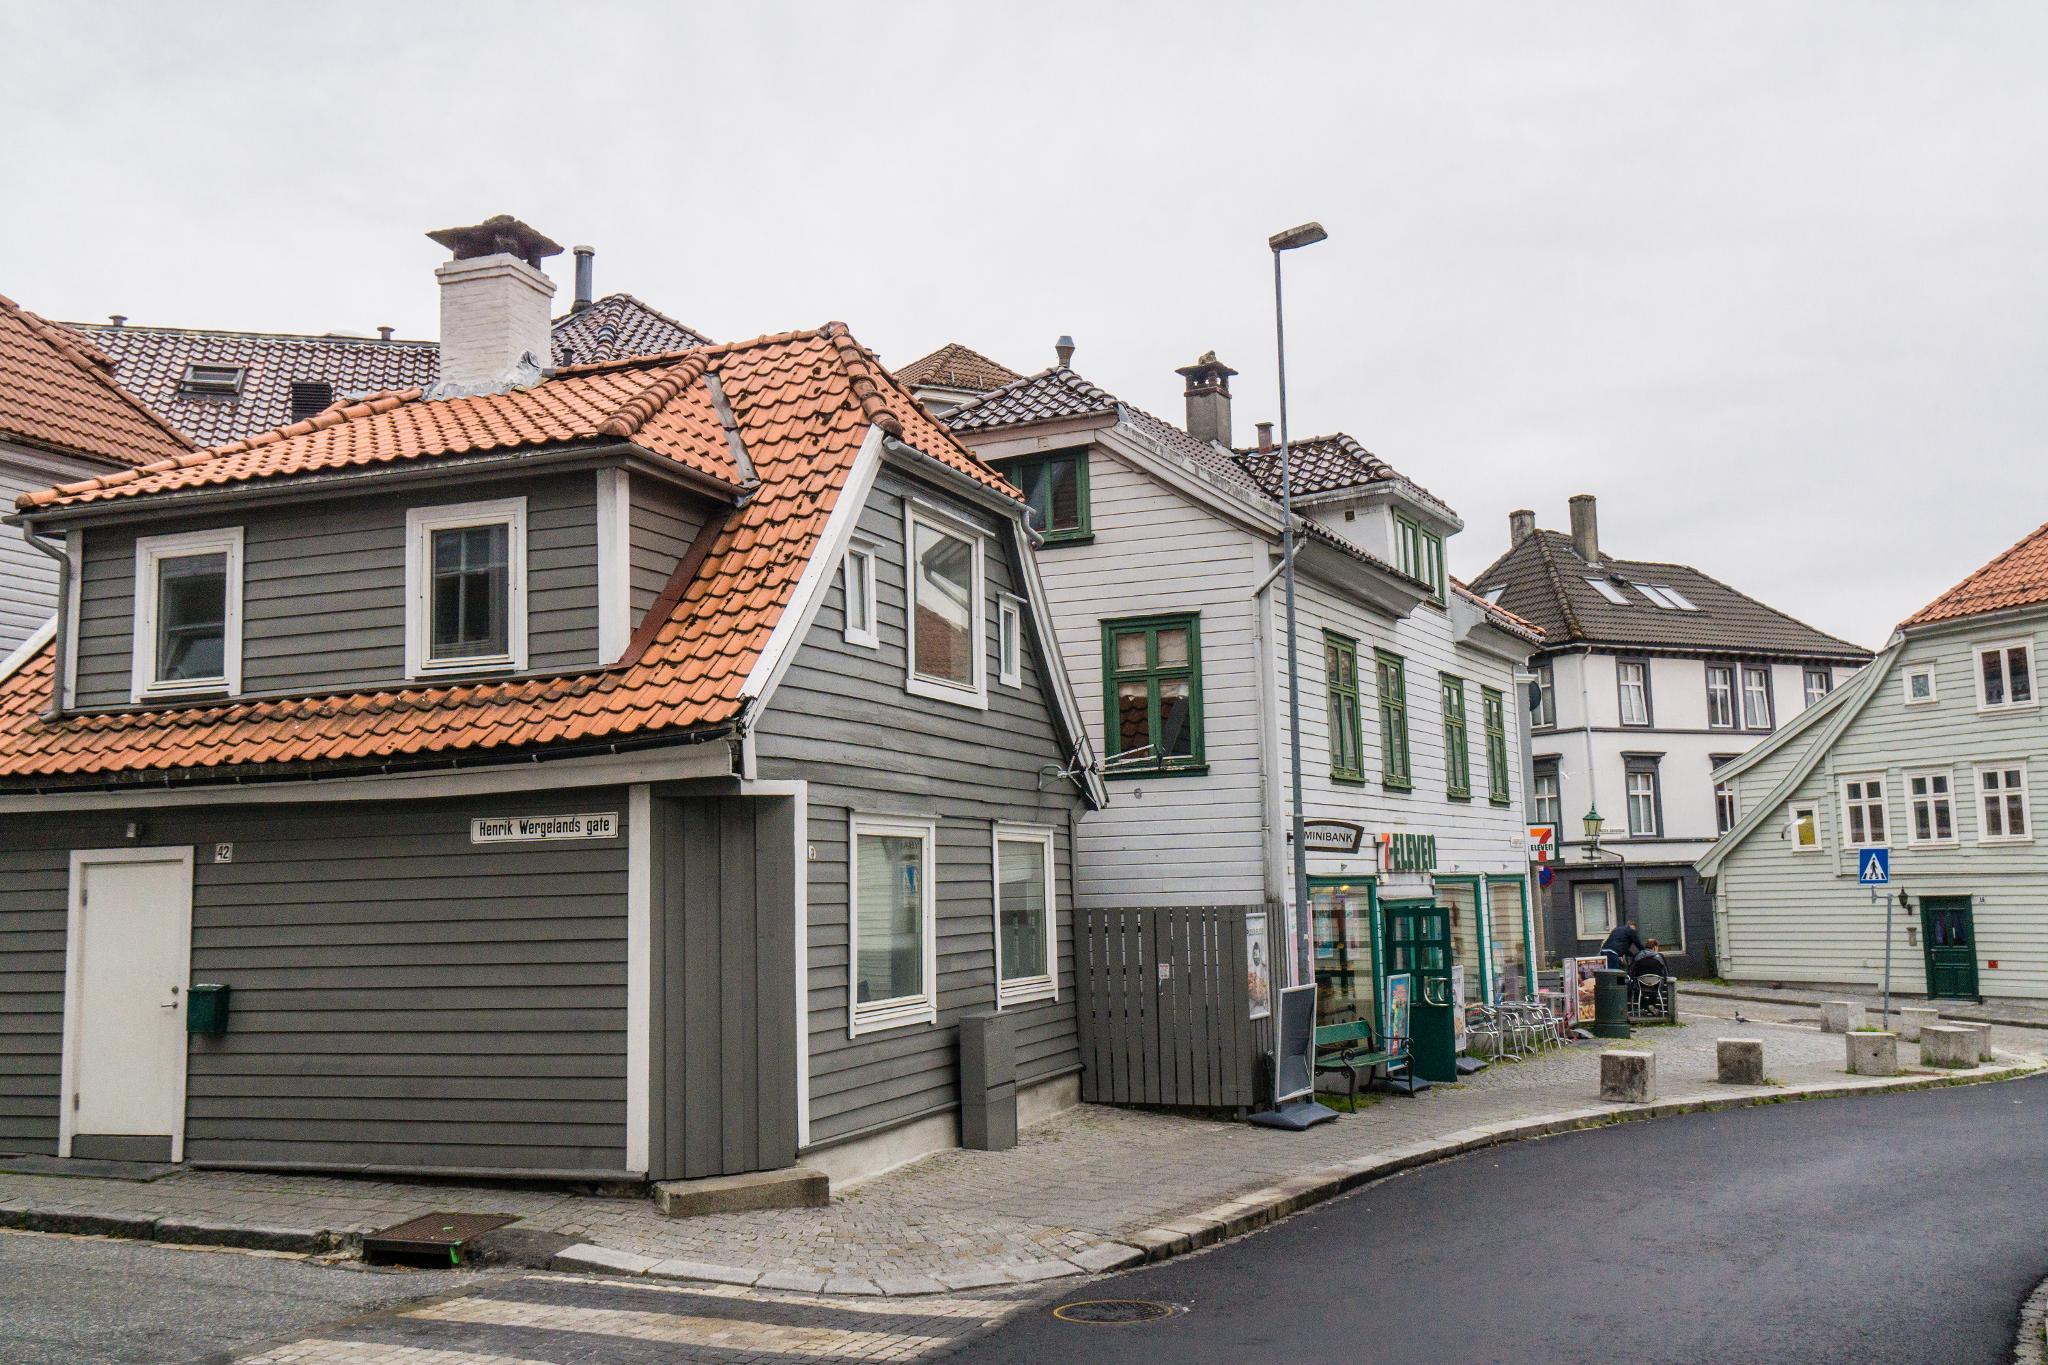 【卑爾根】旅行隨筆:走入卑爾根郊區的尋常百姓家 33